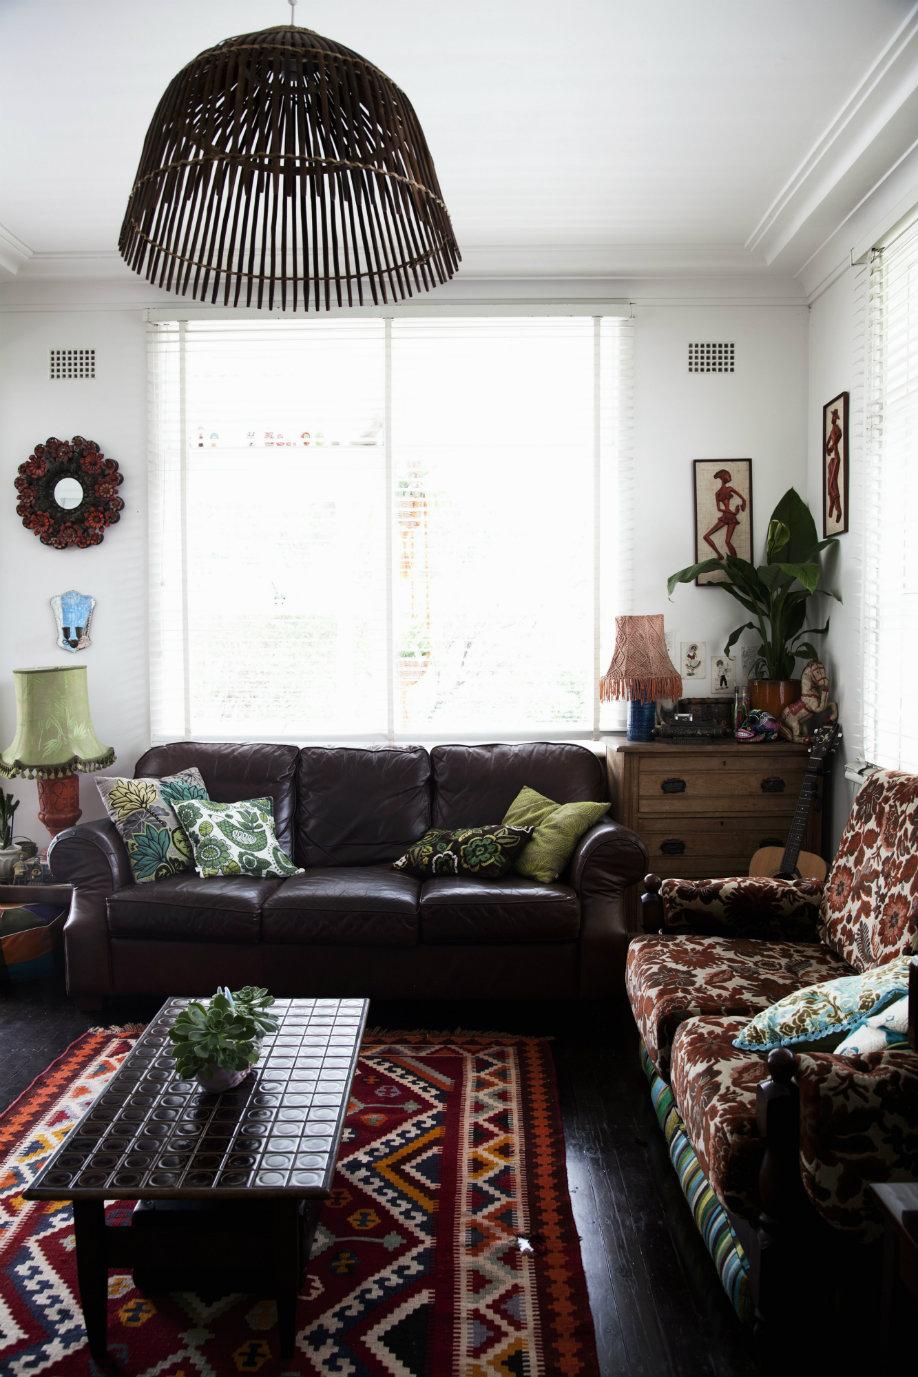 9 consigli per una casa in stile etnico | WESTWING MAGAZINE